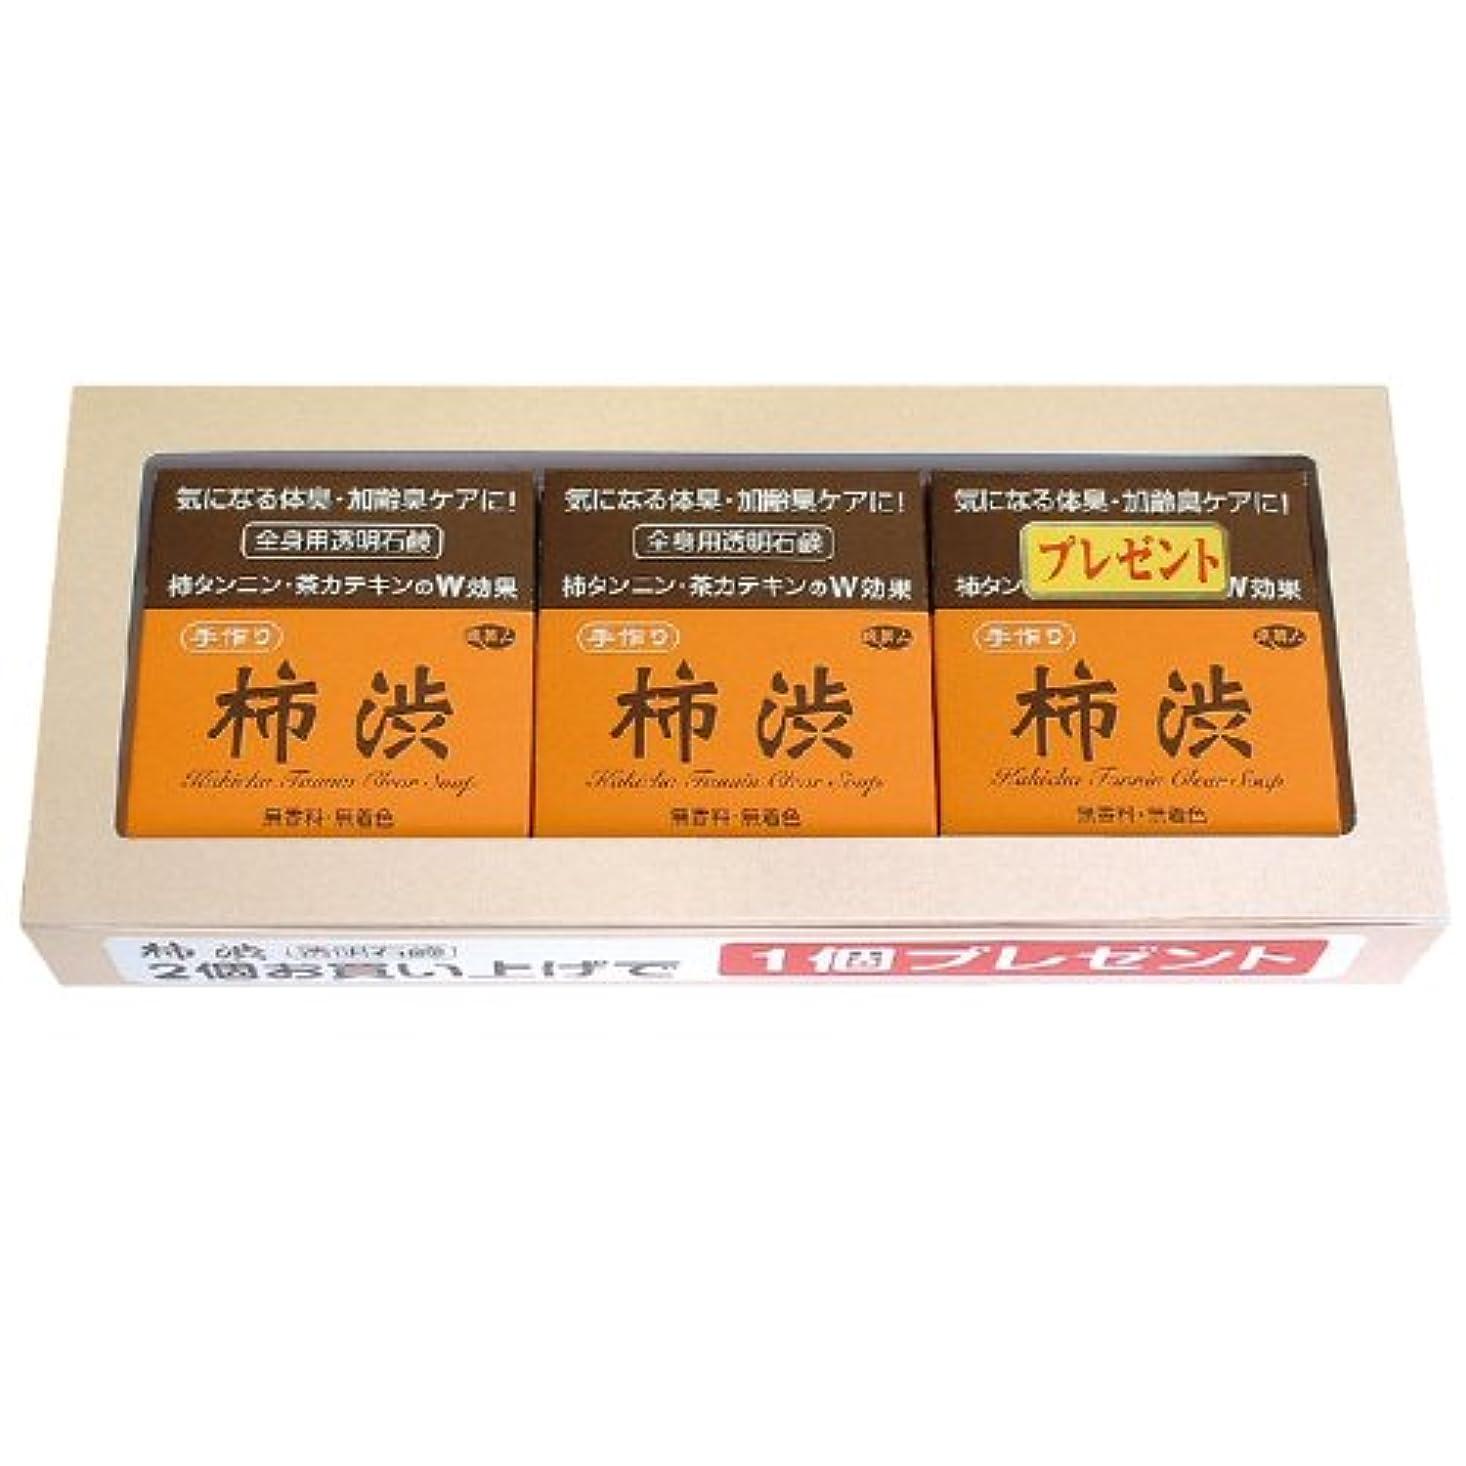 蓄積する価値のないルールアズマ商事の 柿渋透明石鹸 2個の値段で3個入りセット